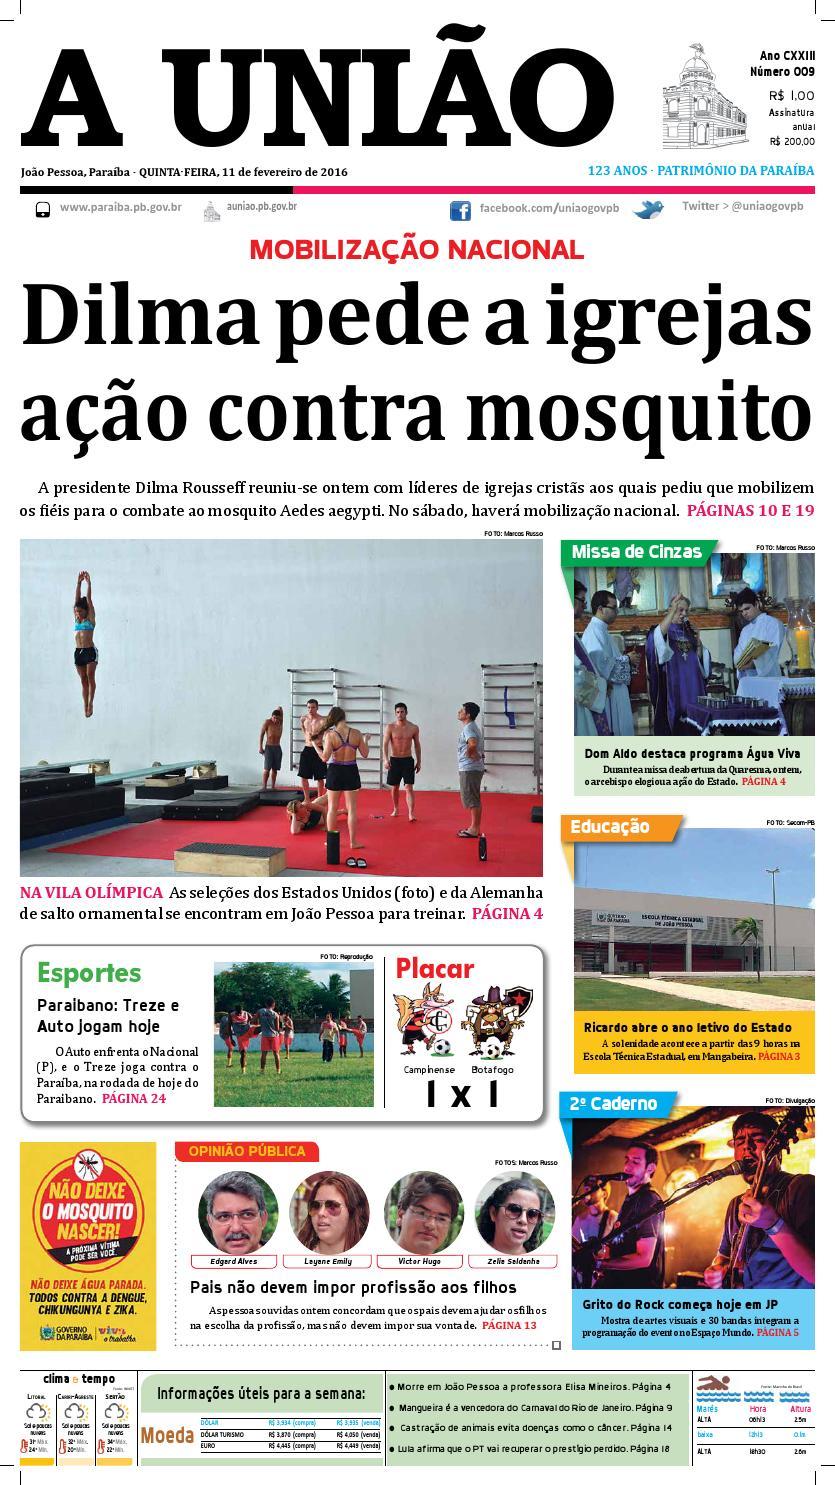 Jornal 11 02 16 by Jornal A União - issuu 87adbf245301c